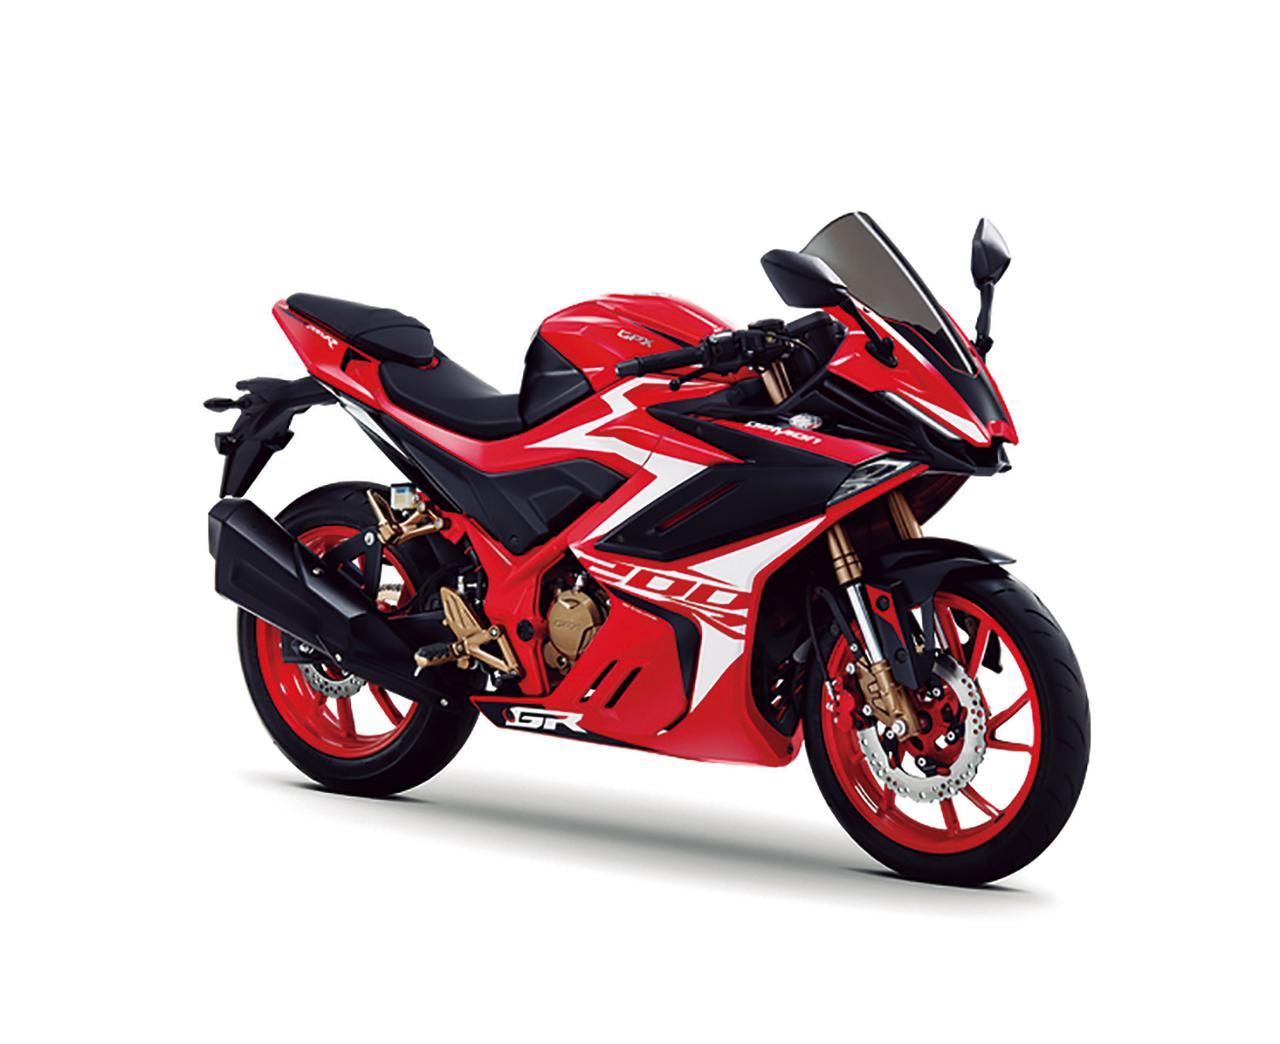 GPX「デーモンGR200R」【1分で読める 2021年に新車で購入可能な200ccバイク紹介】